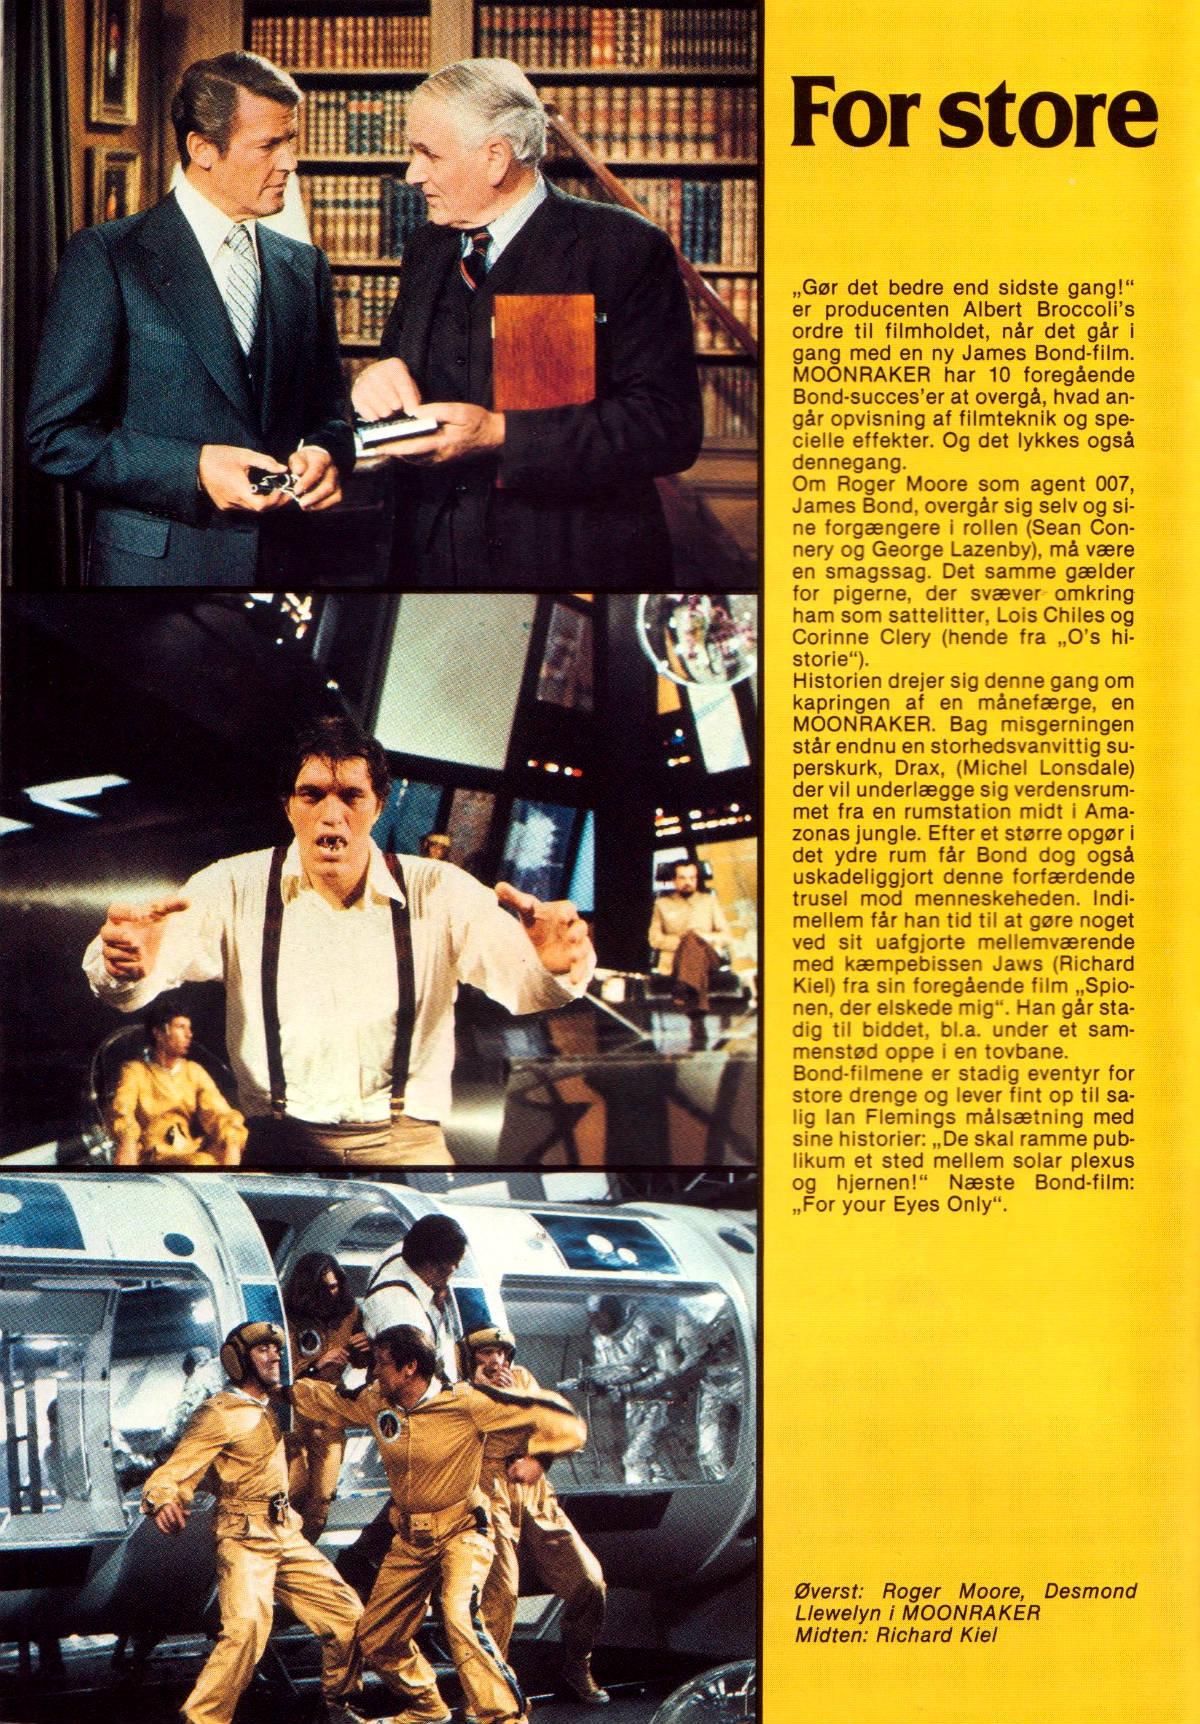 Moonraker - Filmårbogen 1979 A